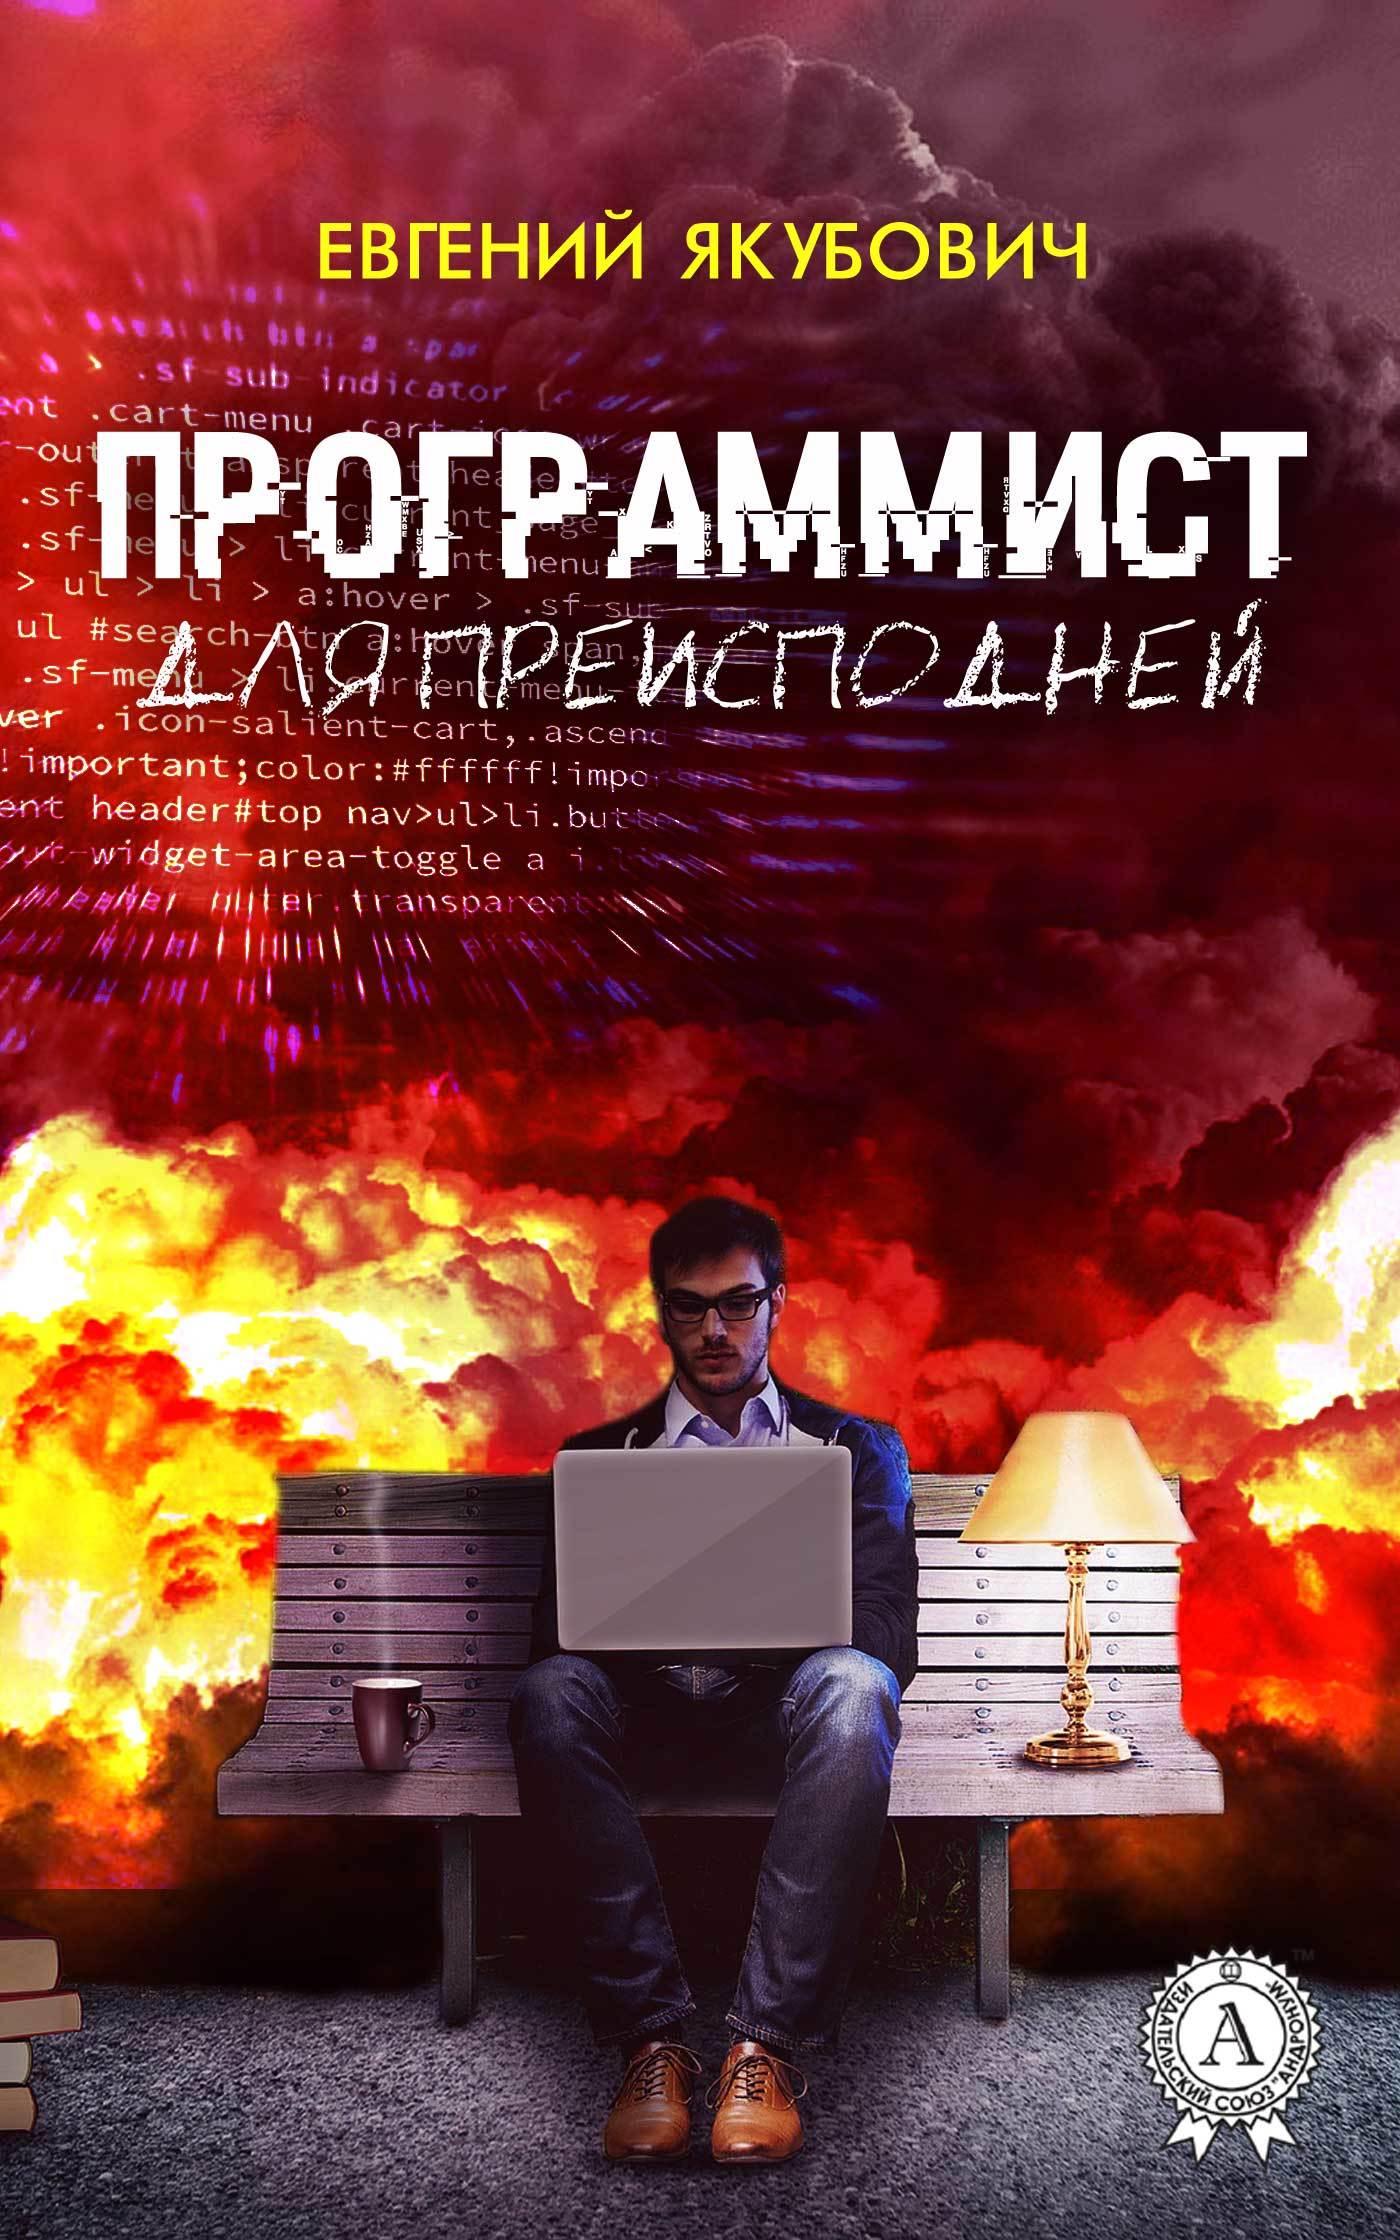 Евгений Якубович - Программист для преисподней